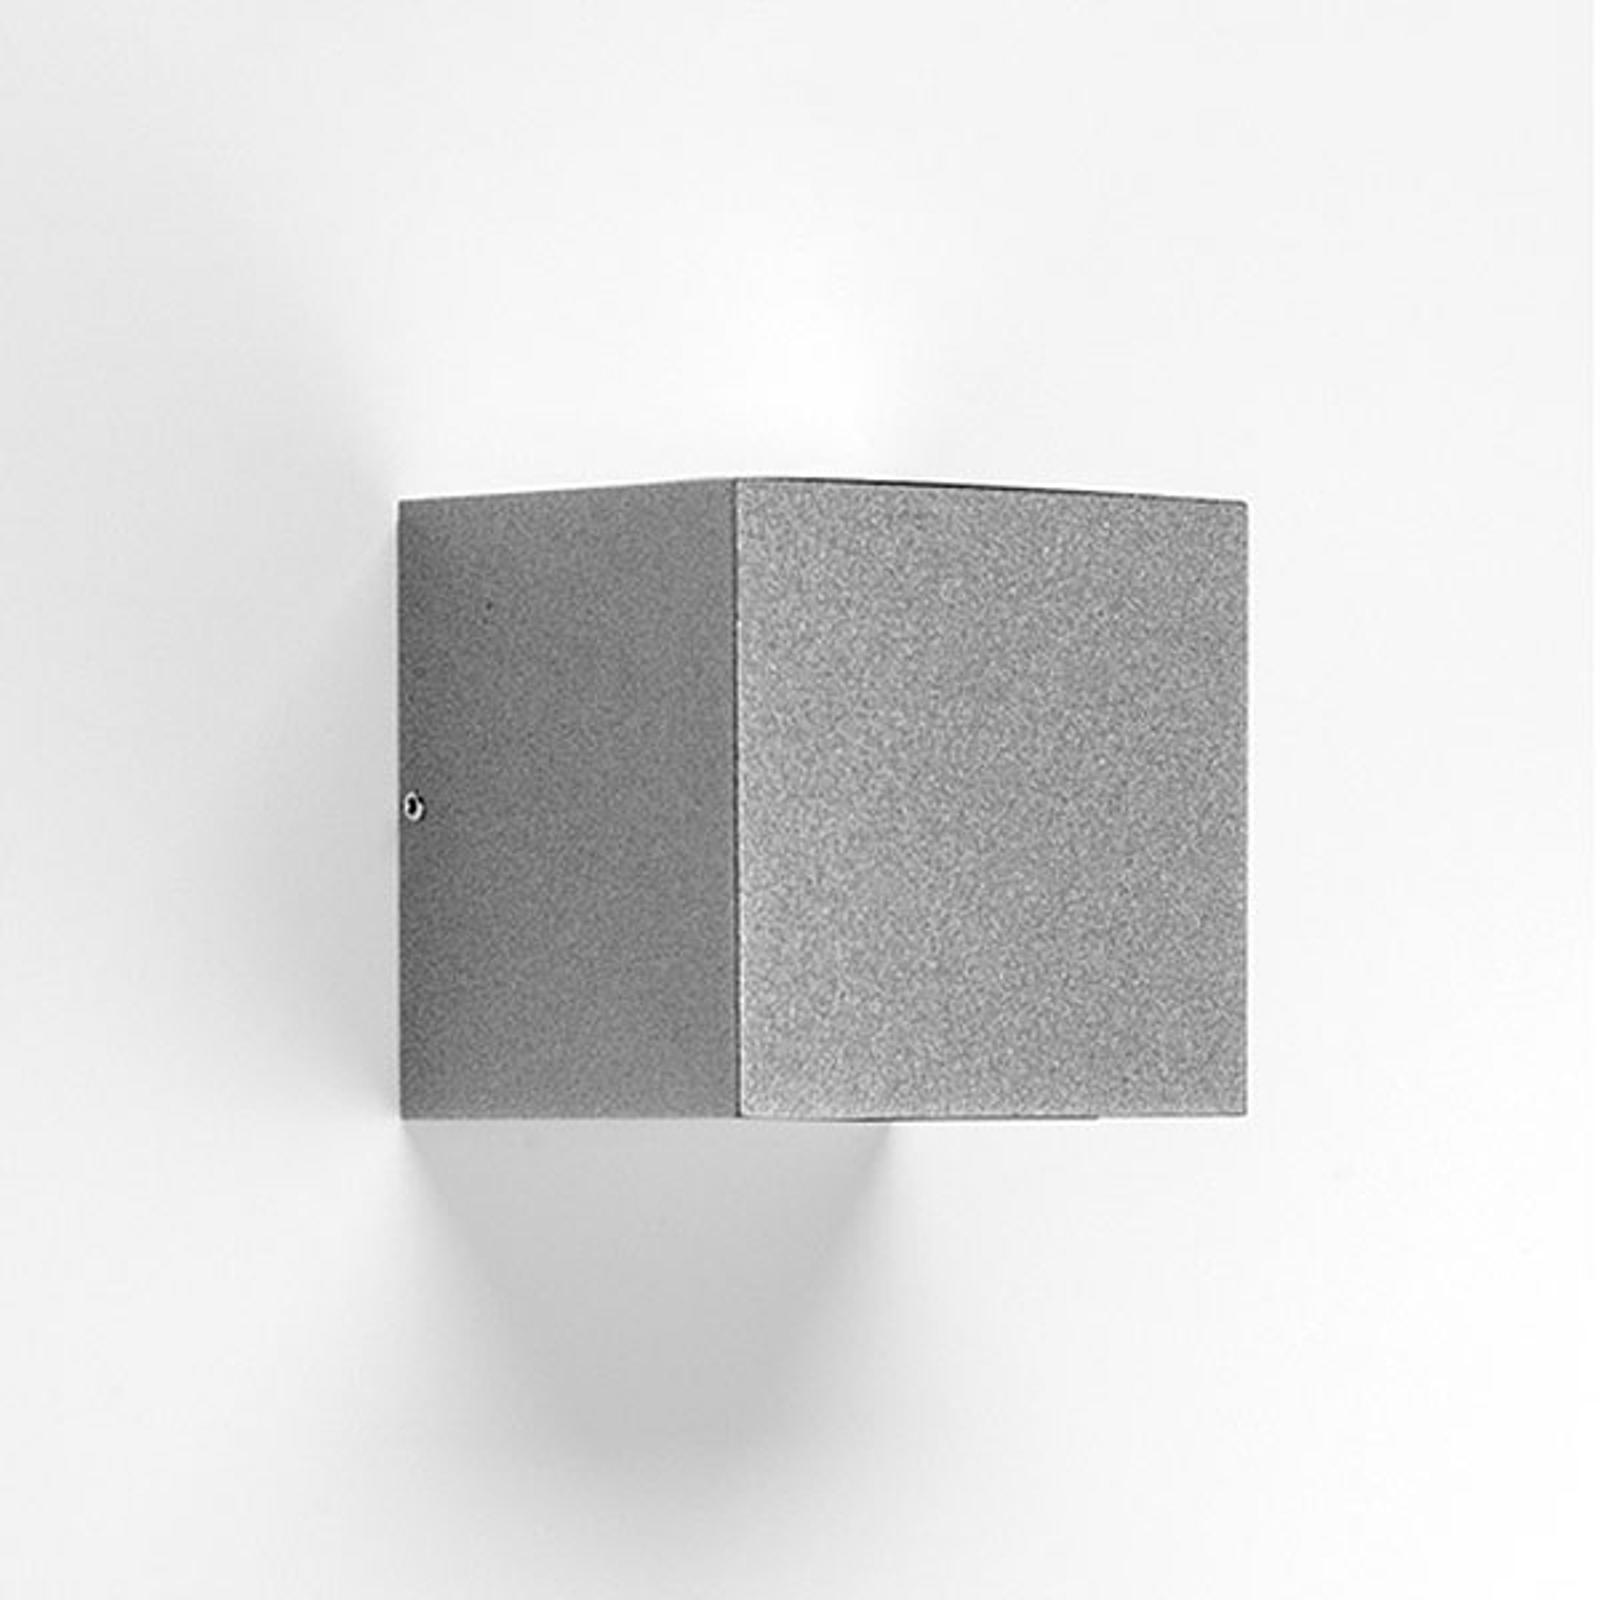 LED-vegglampe 303367 i grå, 1NB+1WB 4000K